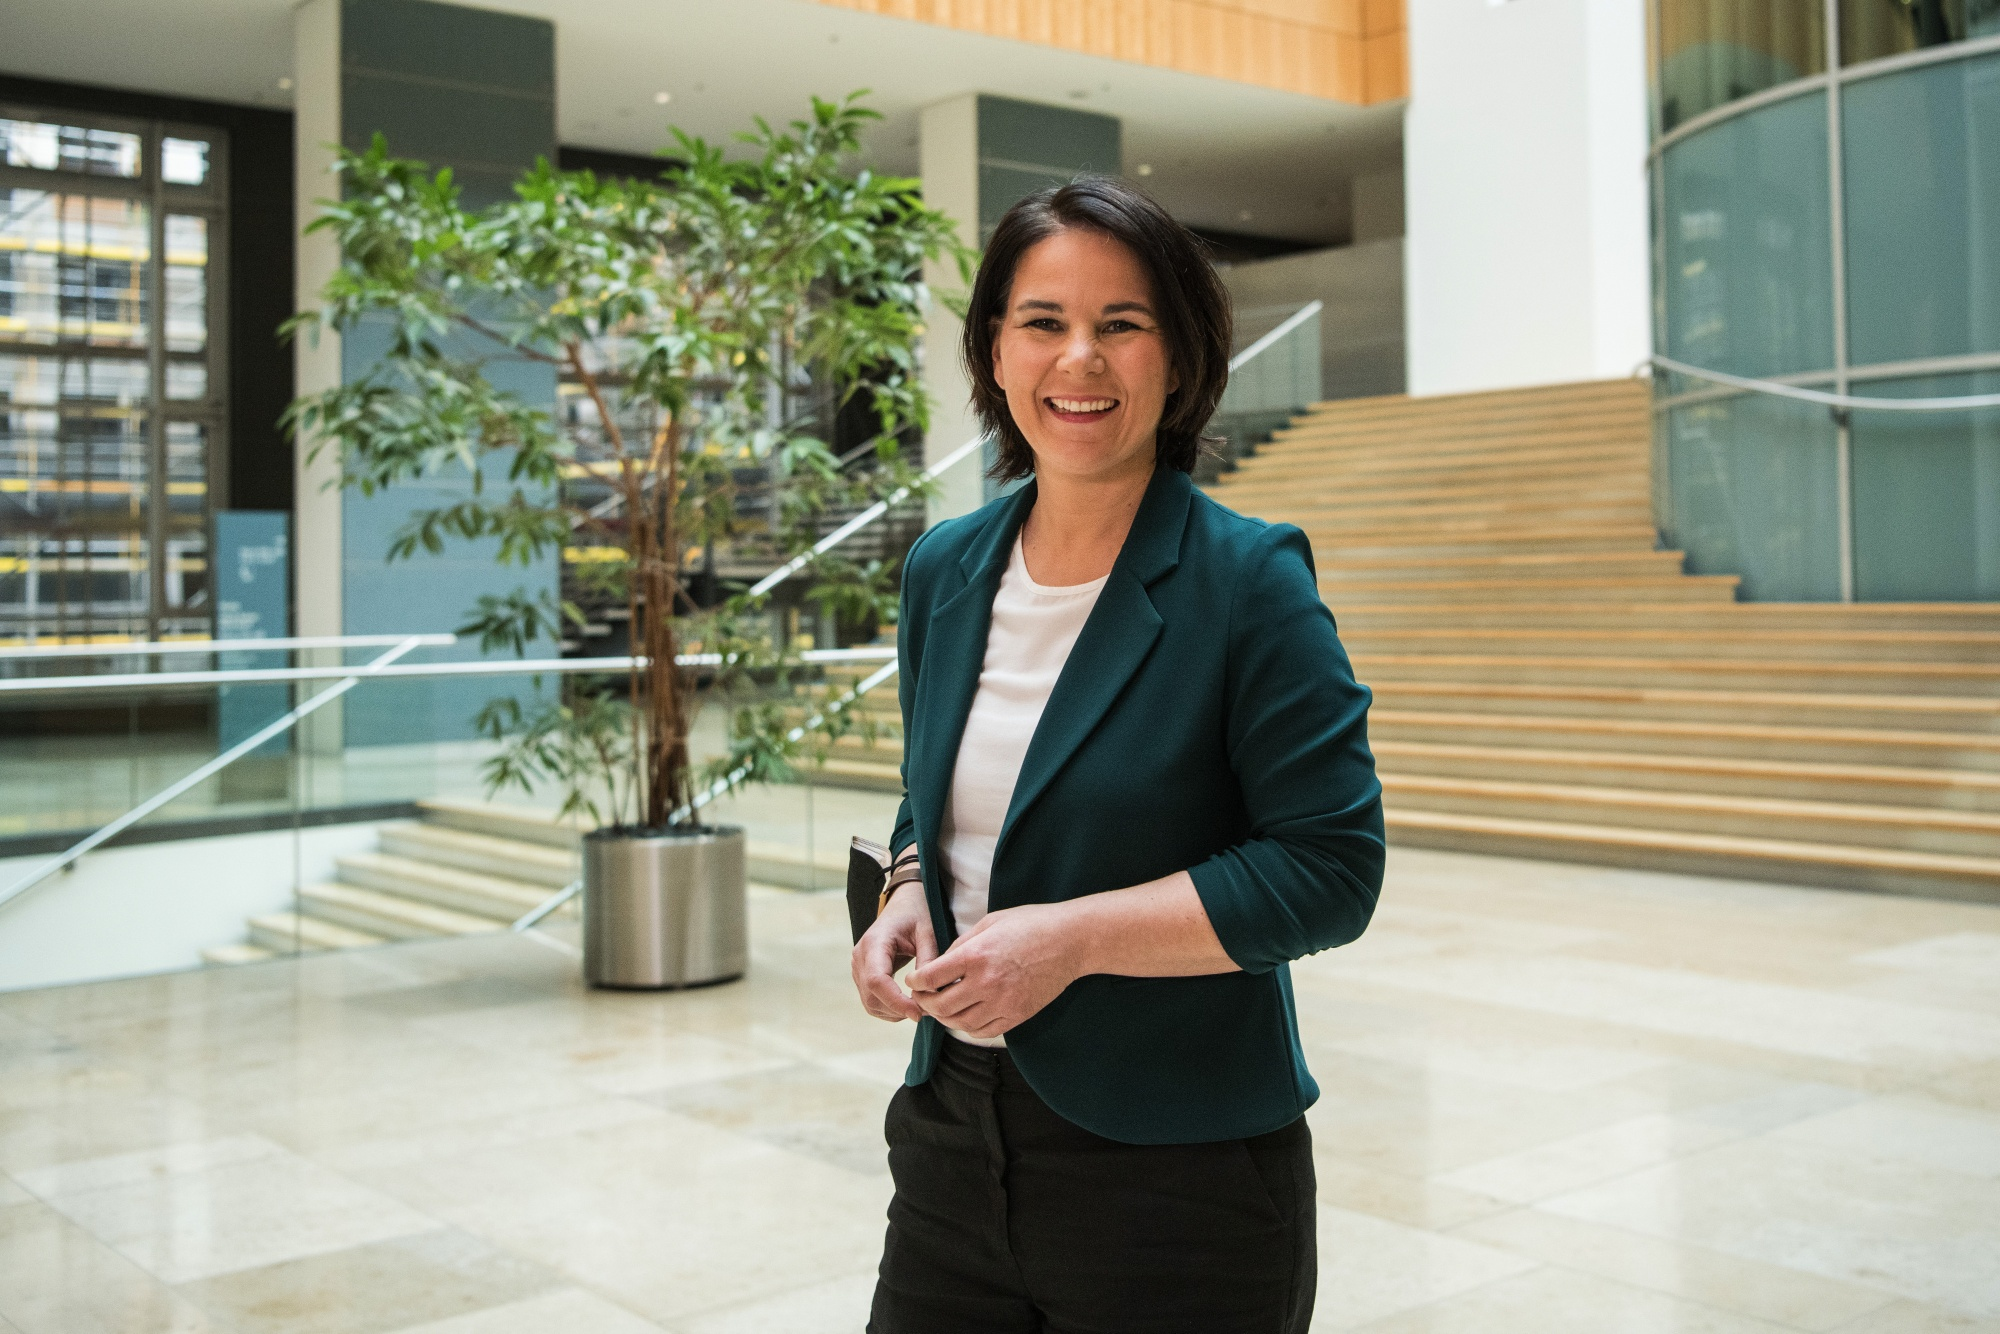 Die Pressekonferenz der Kandidatin der Grünen, Analina Burbuk